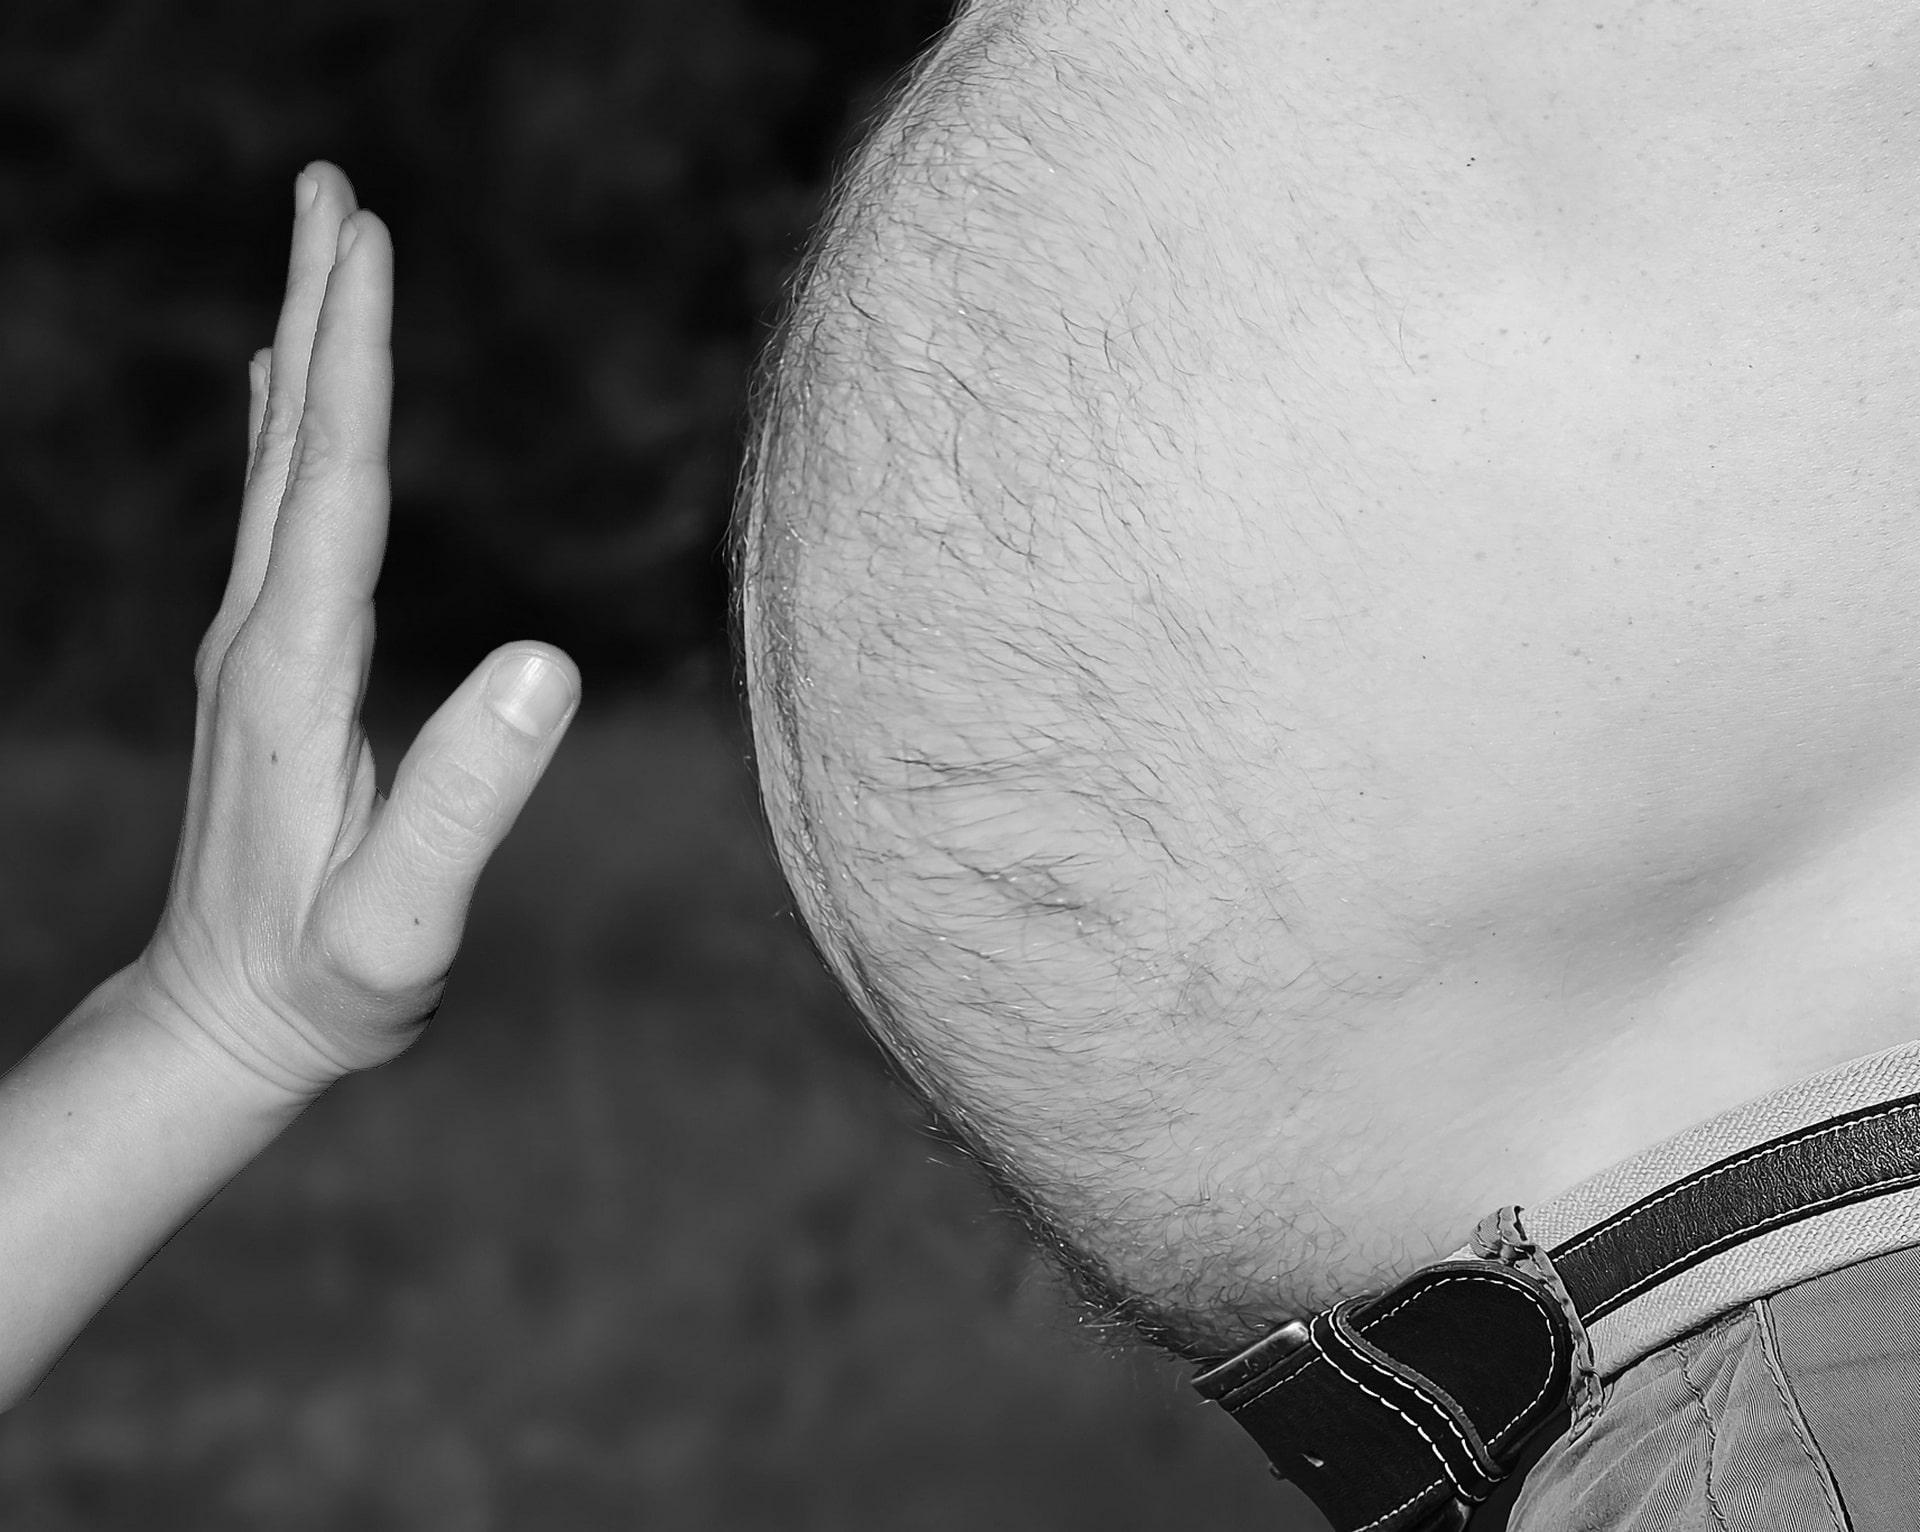 Pivní břicho není z piva, důvodem je nezdravý životní styl / foto: pixabay.com